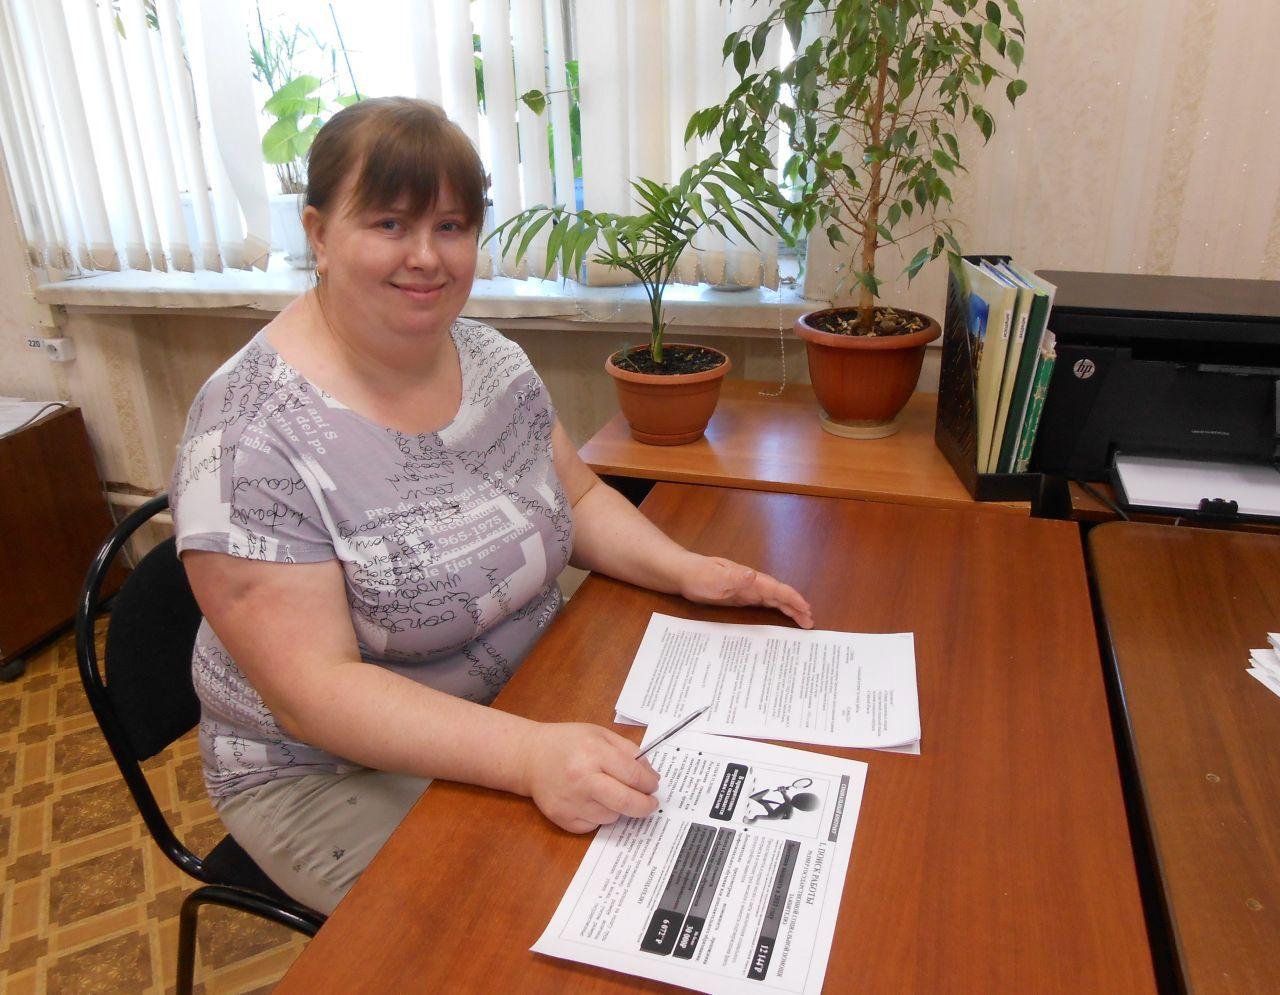 Kaklashnikova-Valentina-Evgenevna-poisk-raboty.jpg